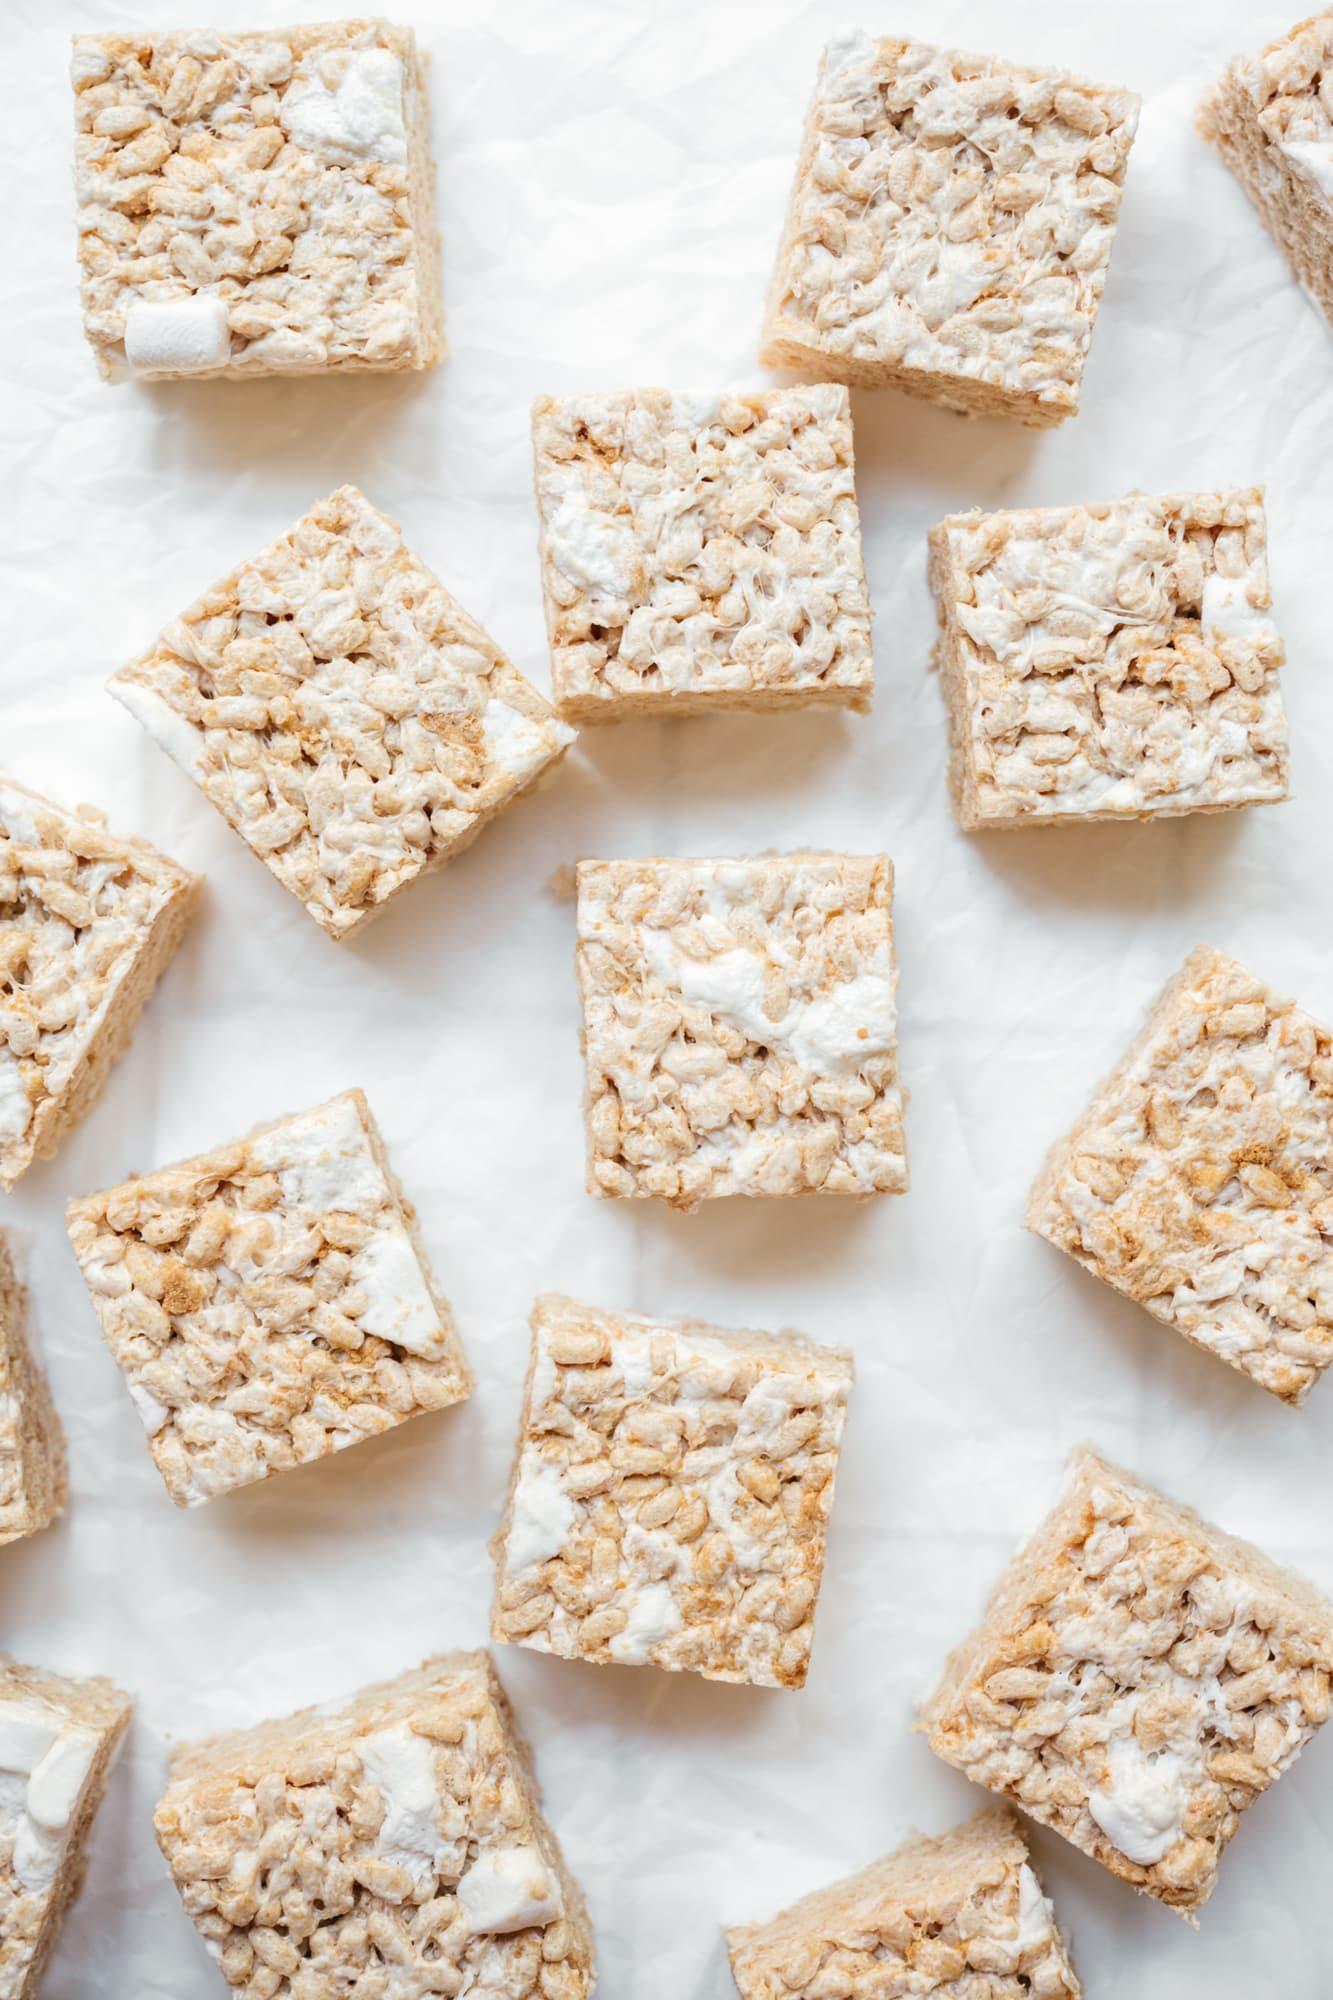 overhead view of plain vegan rice krispie treats on parchment paper